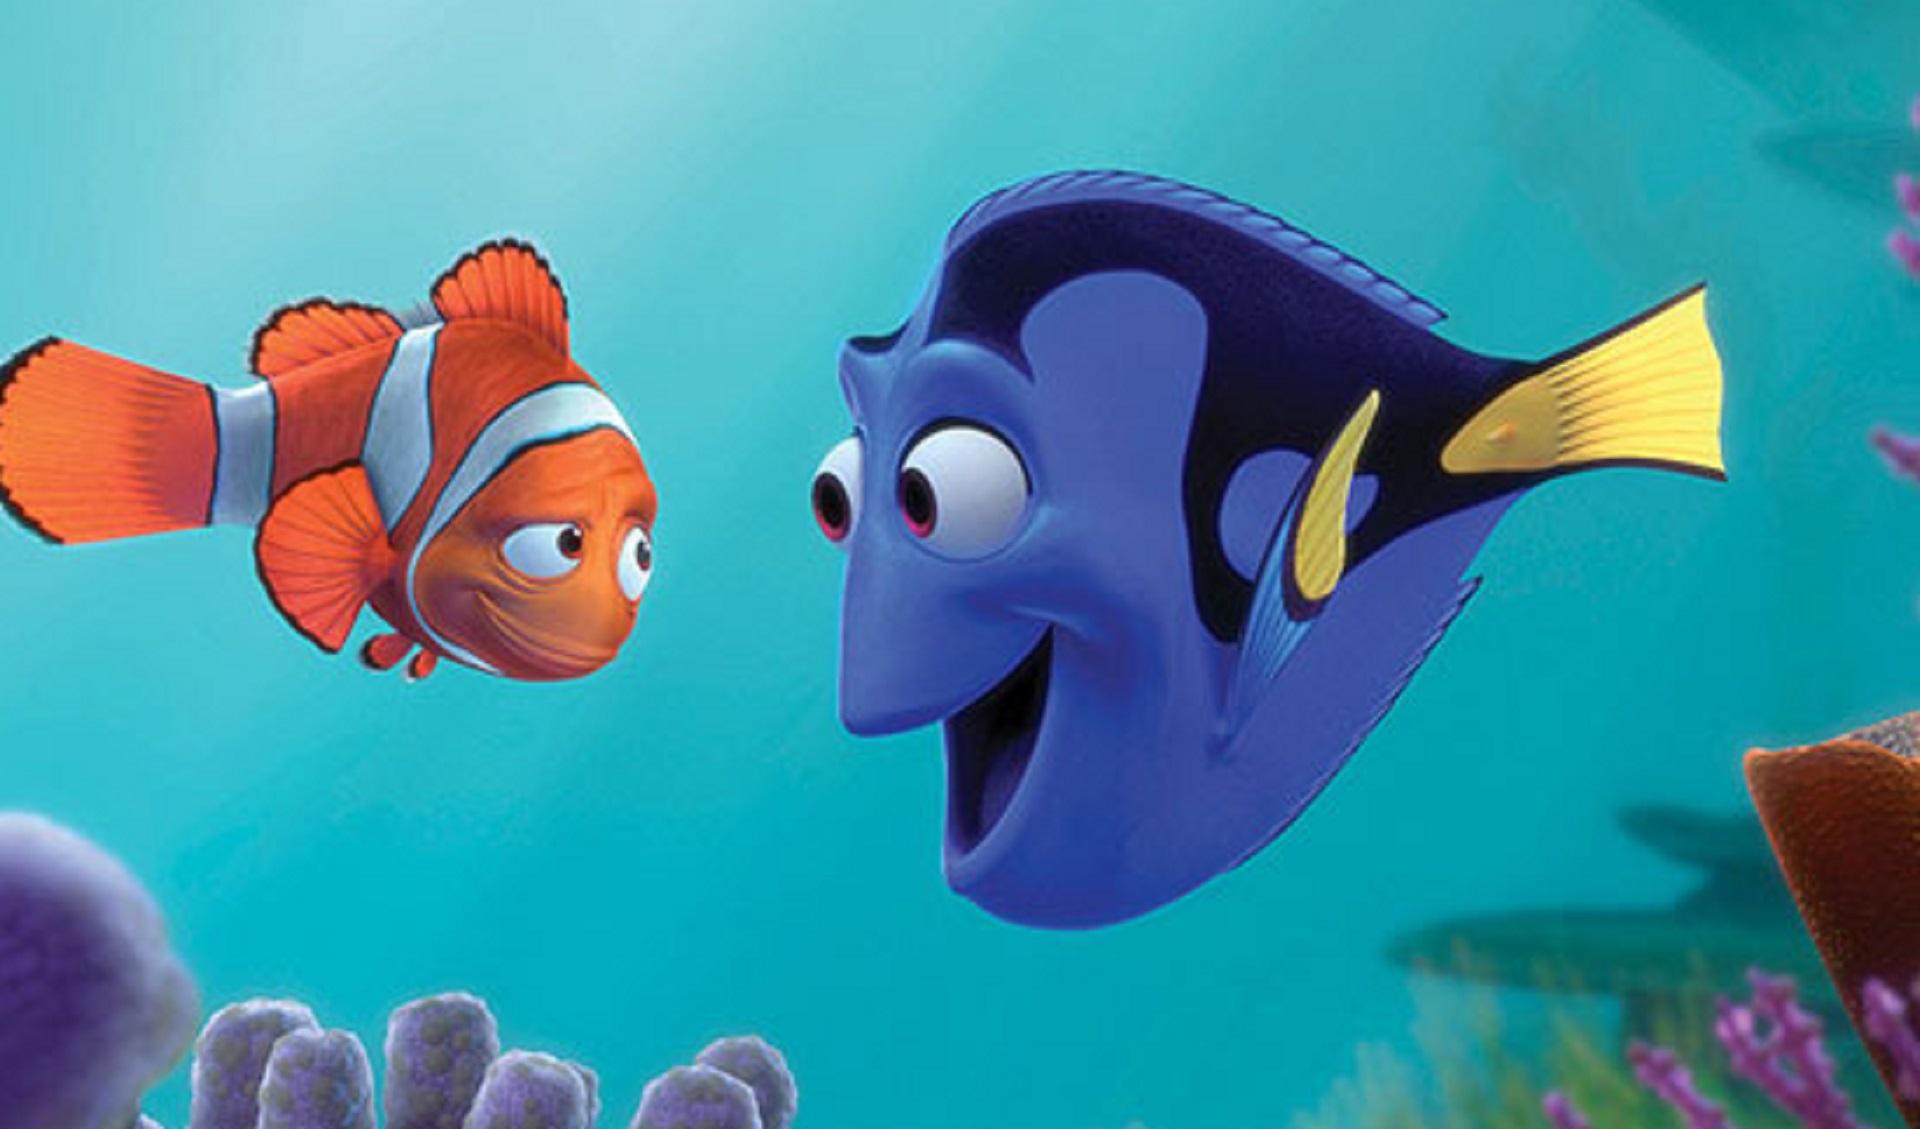 海底总动员1中文版_海底总动员(普通话版)_电影_高清1080P在线观看平台_腾讯视频